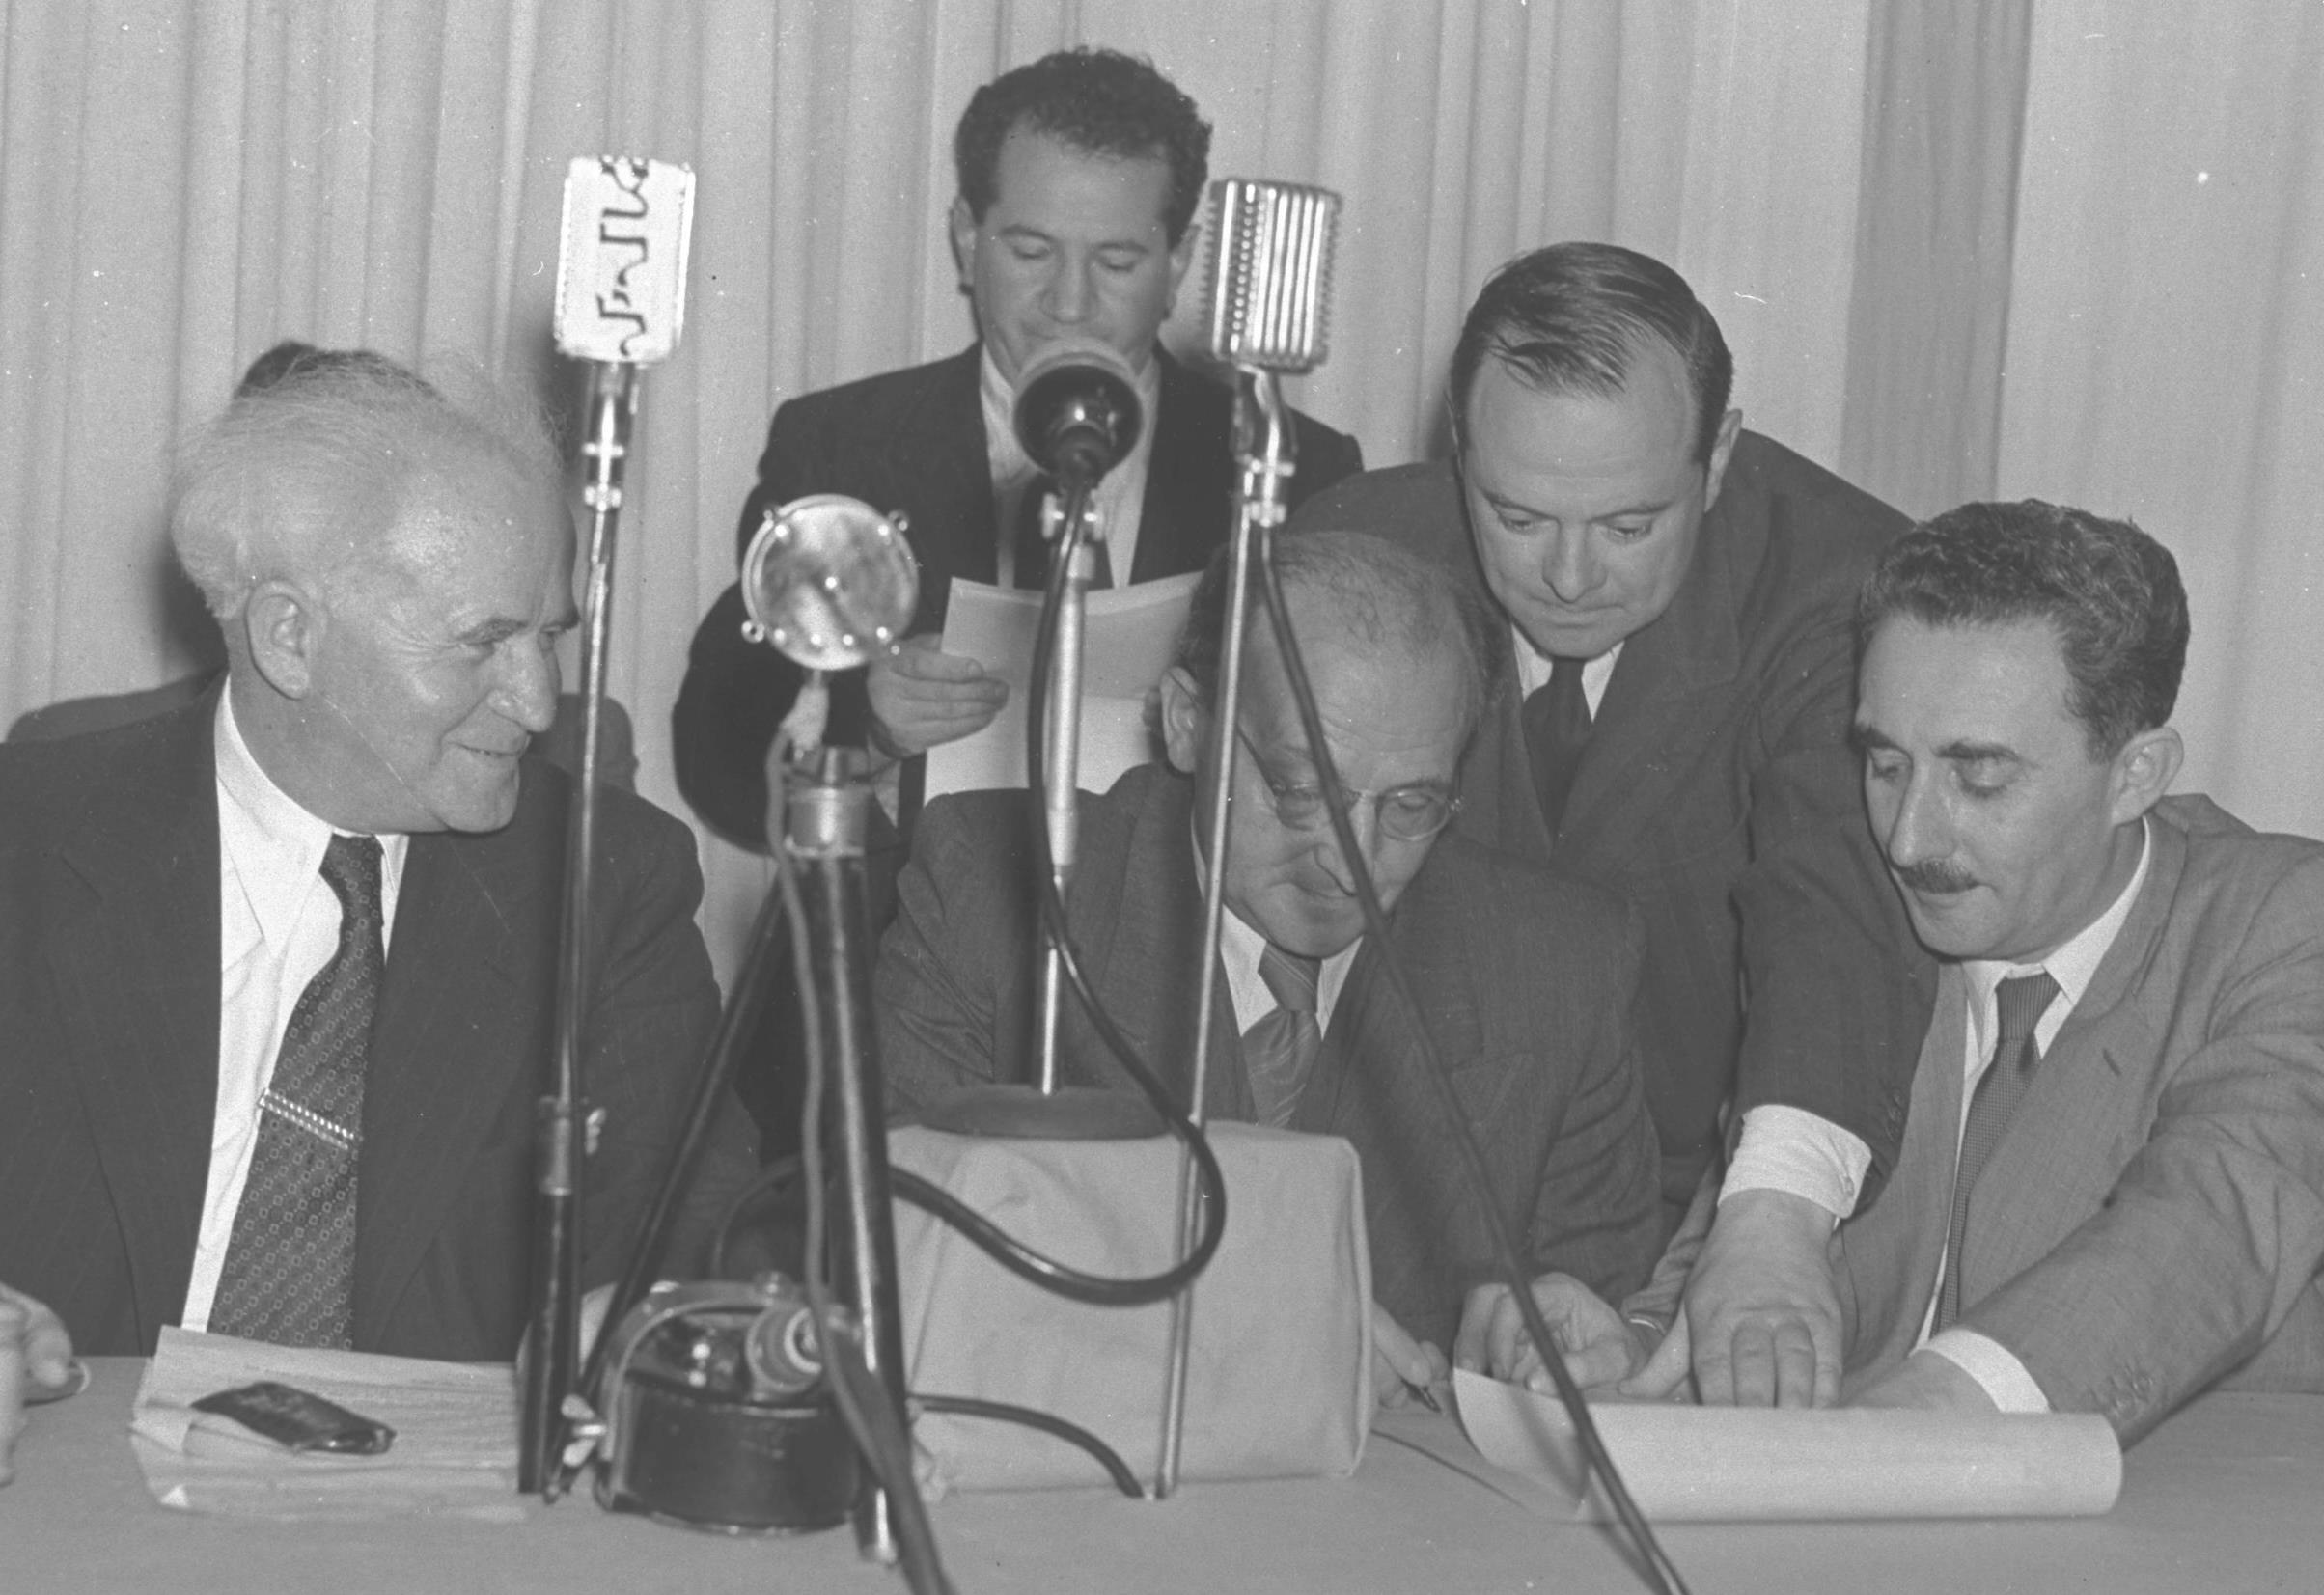 פרץ ברנשטיין חותם על מגילת עצמאות 1948 אוסף התצלומים הלאומי.jpg